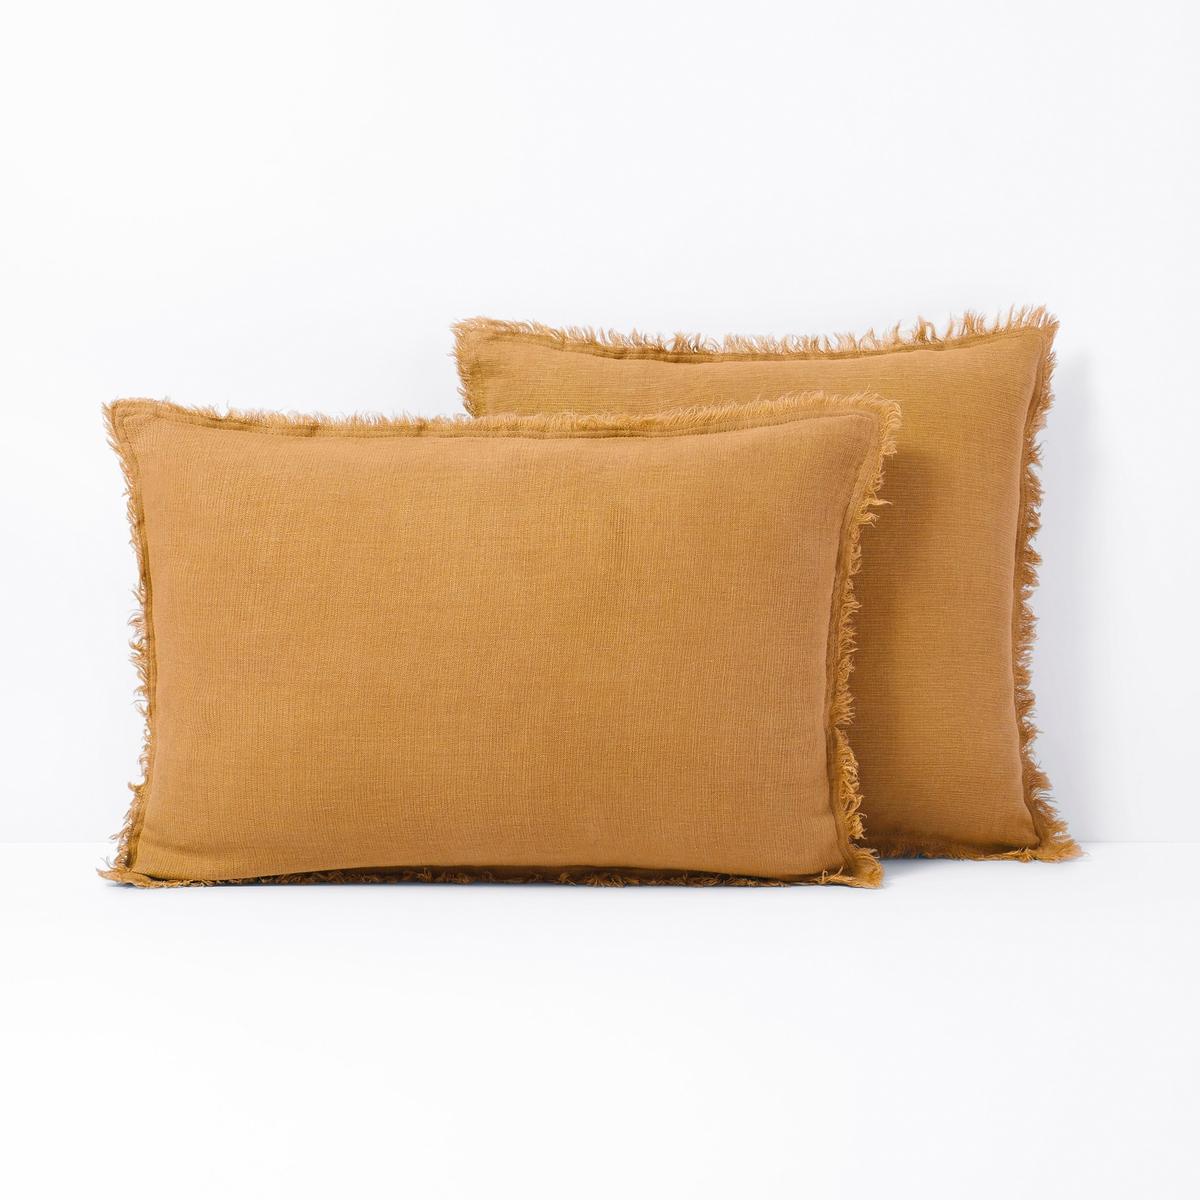 Чехол для подушки из льна, LINANGEЧехол для подушки Linange отмечен знаком качества Qualit? Best. Чехол для подушки Linange красивой цветовой гаммы добавит характера Вашему интерьеру.Натуральный материал и тонкие оттенки,  однотонная наволочка Linange прекрасно сочетается с однотонными моделями или с рисунком в спальне или зале . Характеристики льняного чехла для подушки Linange  :- 100% стираный лен.- Отделка бахромой с 2 сторон .- Машинная стирка при 40°.Размеры чехла для подушки Linange :50 x 50 см60 x 40 см Всю коллекцию Linange и нашу коллекцию текстиля для интерьера Вы найдете на laredoute.ru  .ruЗнак Oeko-Tex® гарантирует, что товары прошли проверку и были изготовлены без применения вредных для здоровья человека веществ.<br><br>Цвет: белый,синий индиго<br>Размер: 60 x 40  см.60 x 40  см